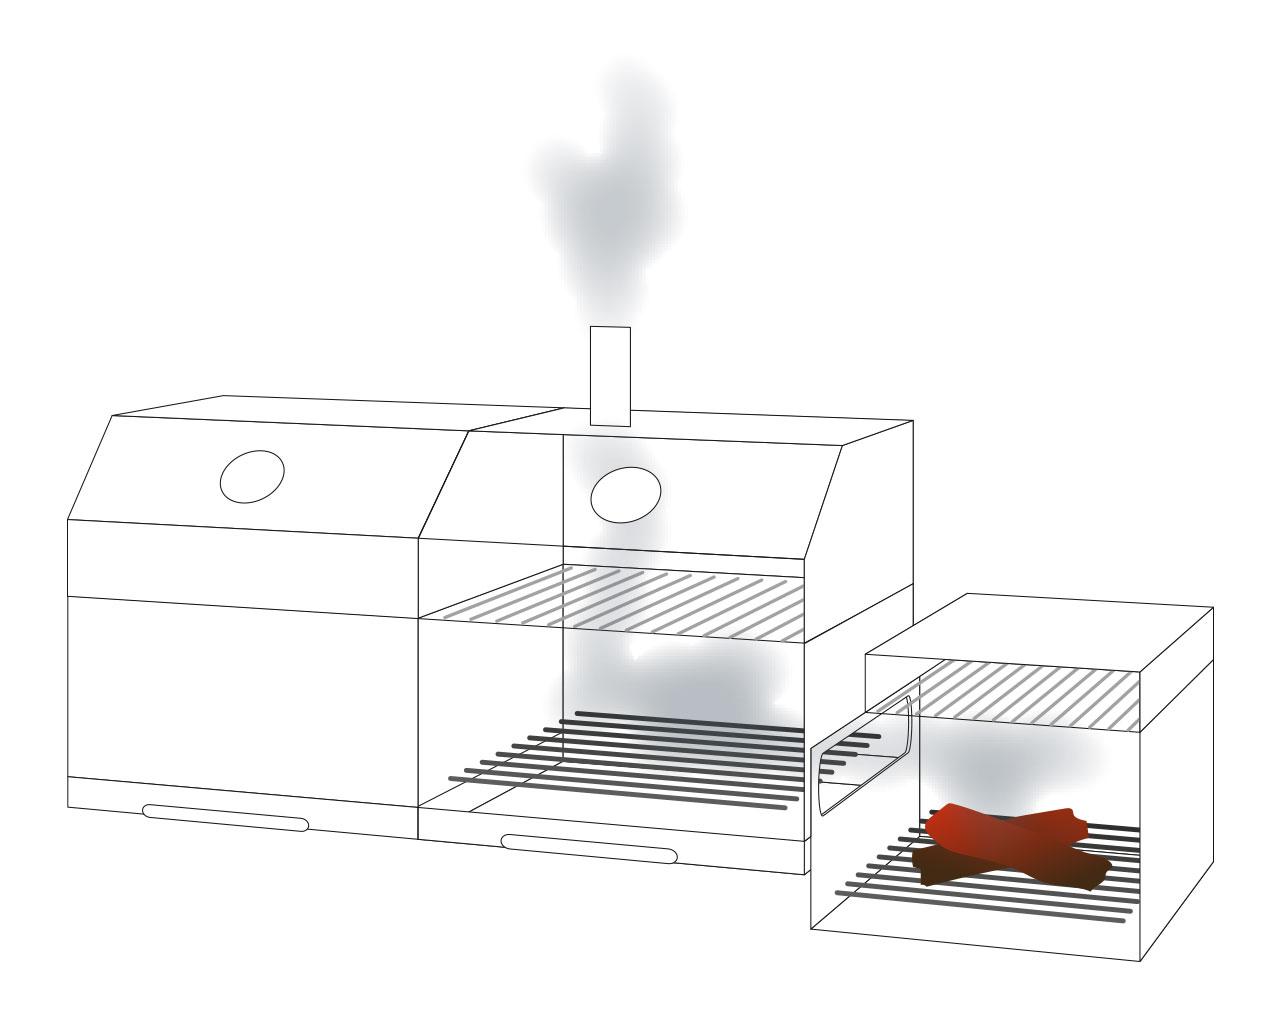 twin t 36 kombigrill von chef centre gmbh gas und holzkohlegrill mit smoker ebay. Black Bedroom Furniture Sets. Home Design Ideas